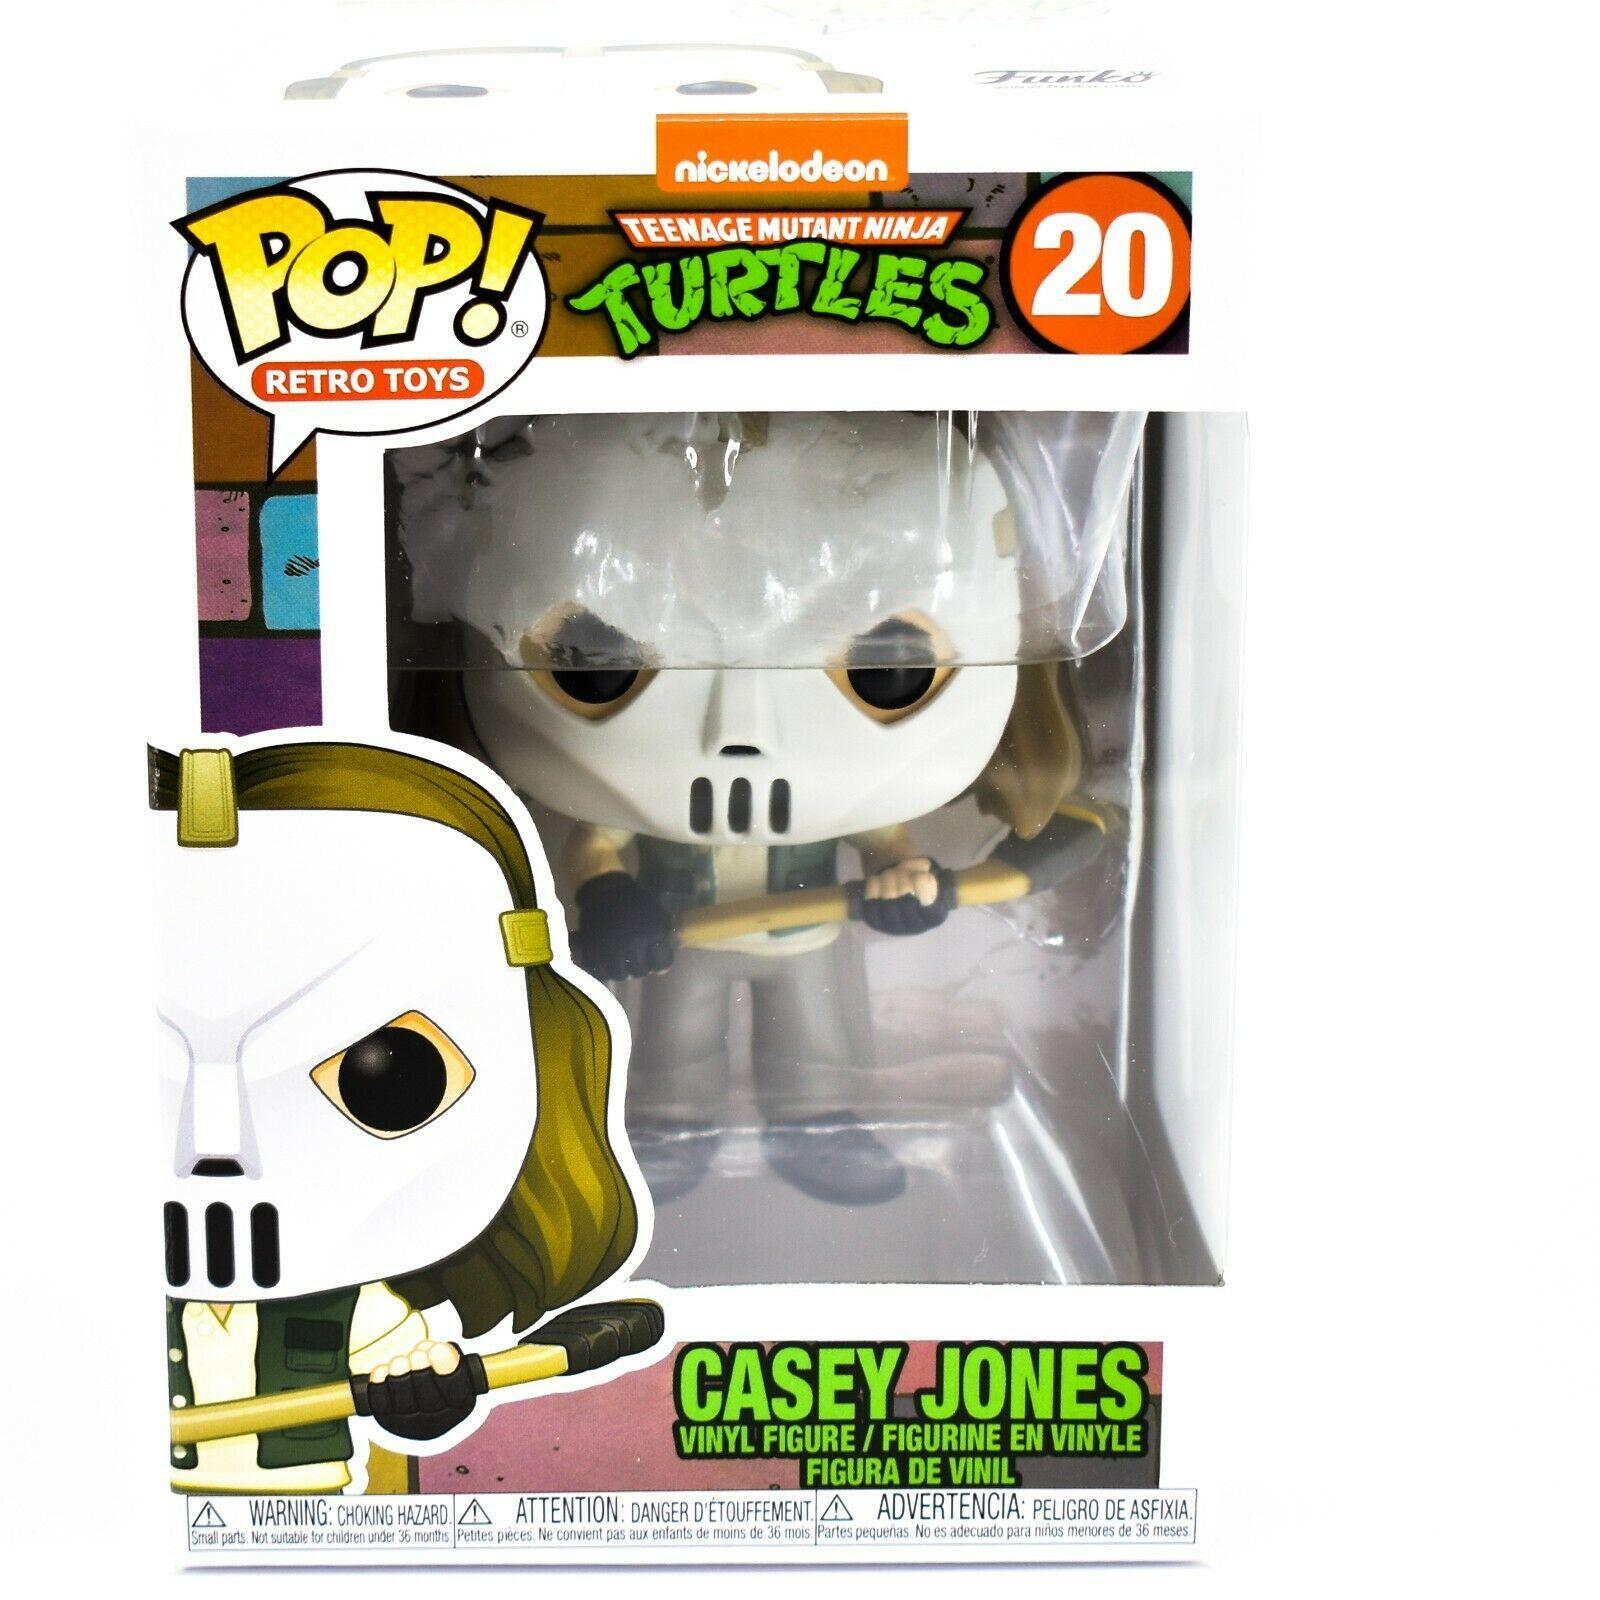 Funko Pop! Retro Toys Teenage Mutant Ninja Turtles TMNT Casey Jones #20 Figure